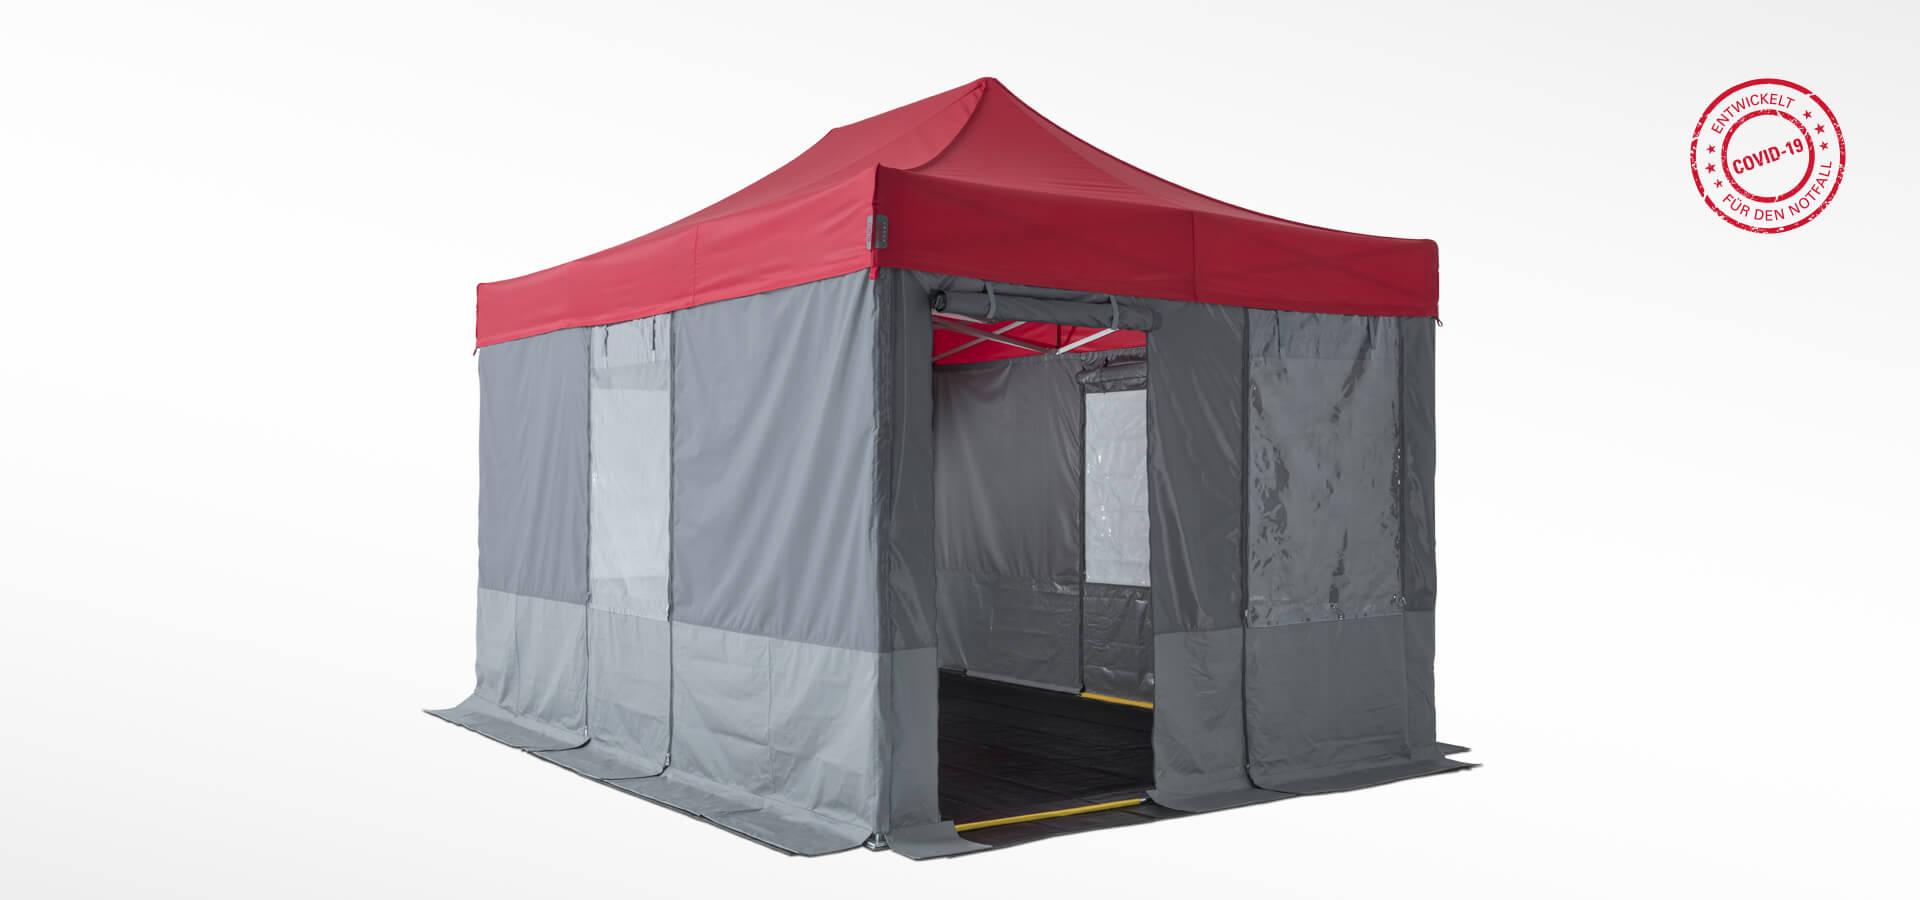 Das Sanitätszelt mit dem Hinweis-Stempel, dass das Zelt speziell für Notfälle und Covid-19 entwickelt wurde.